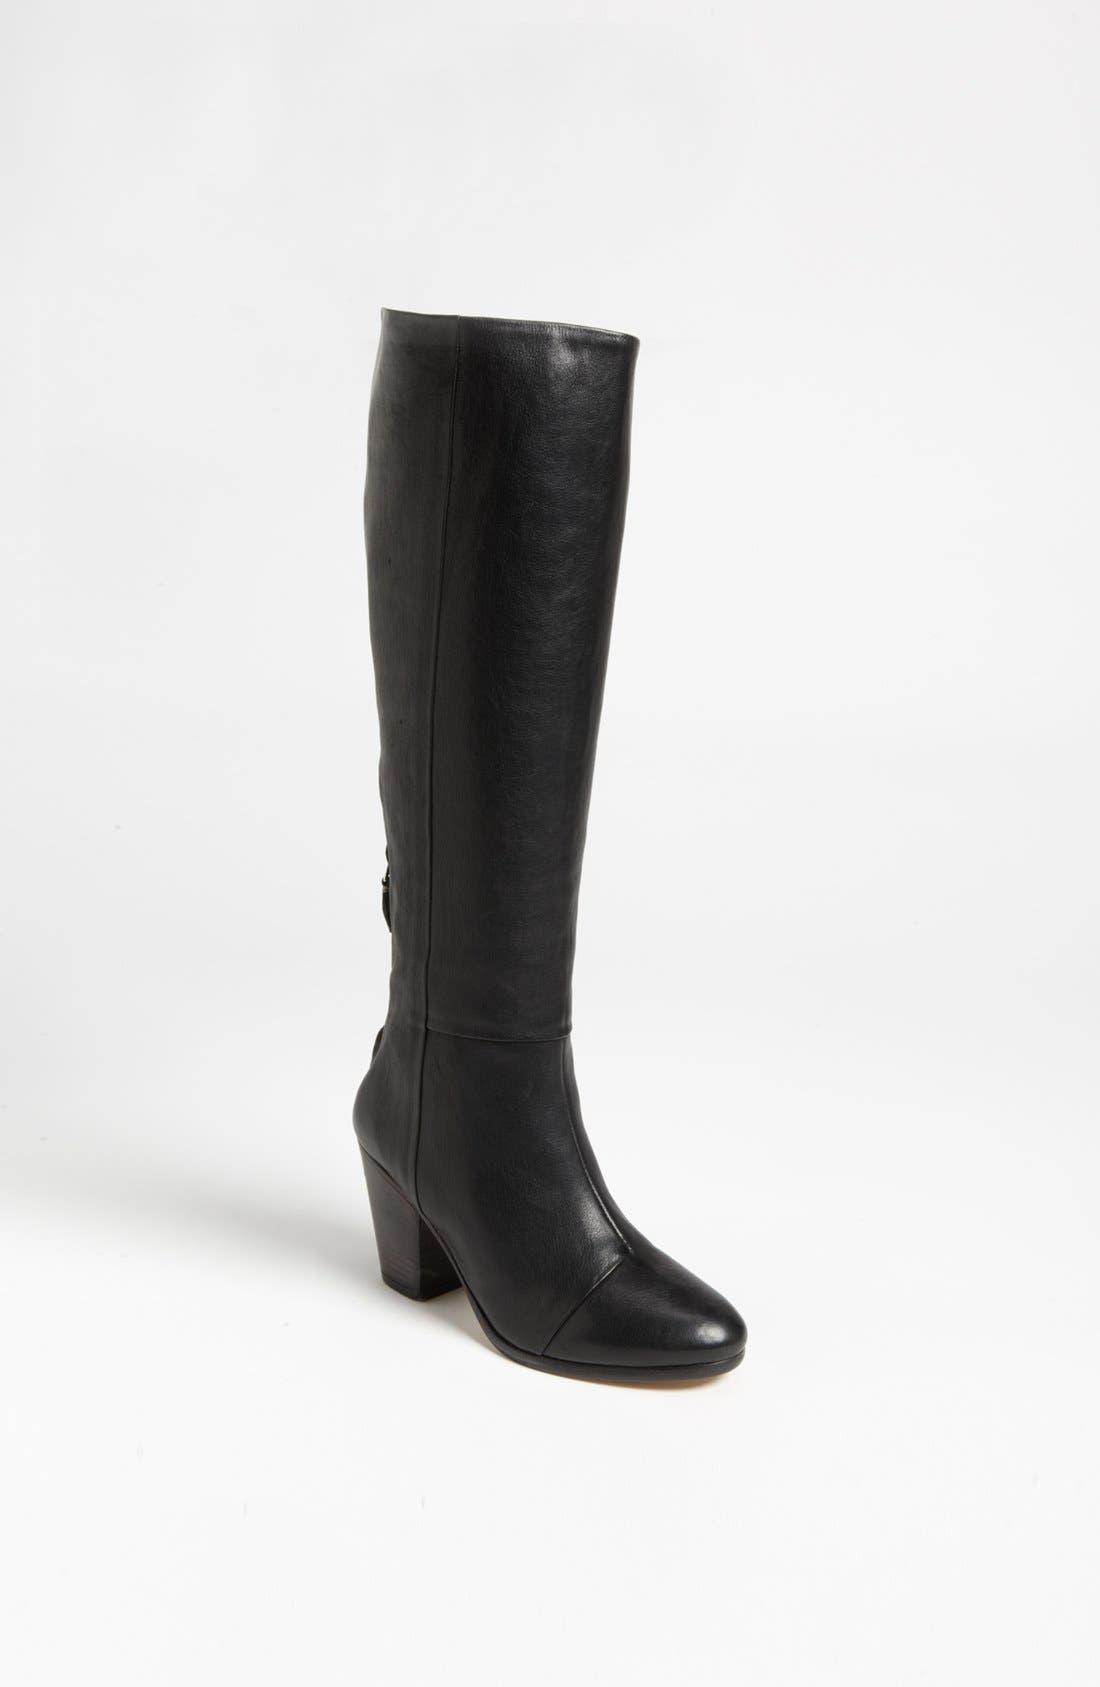 Main Image - rag & bone 'Newbury' High Boot